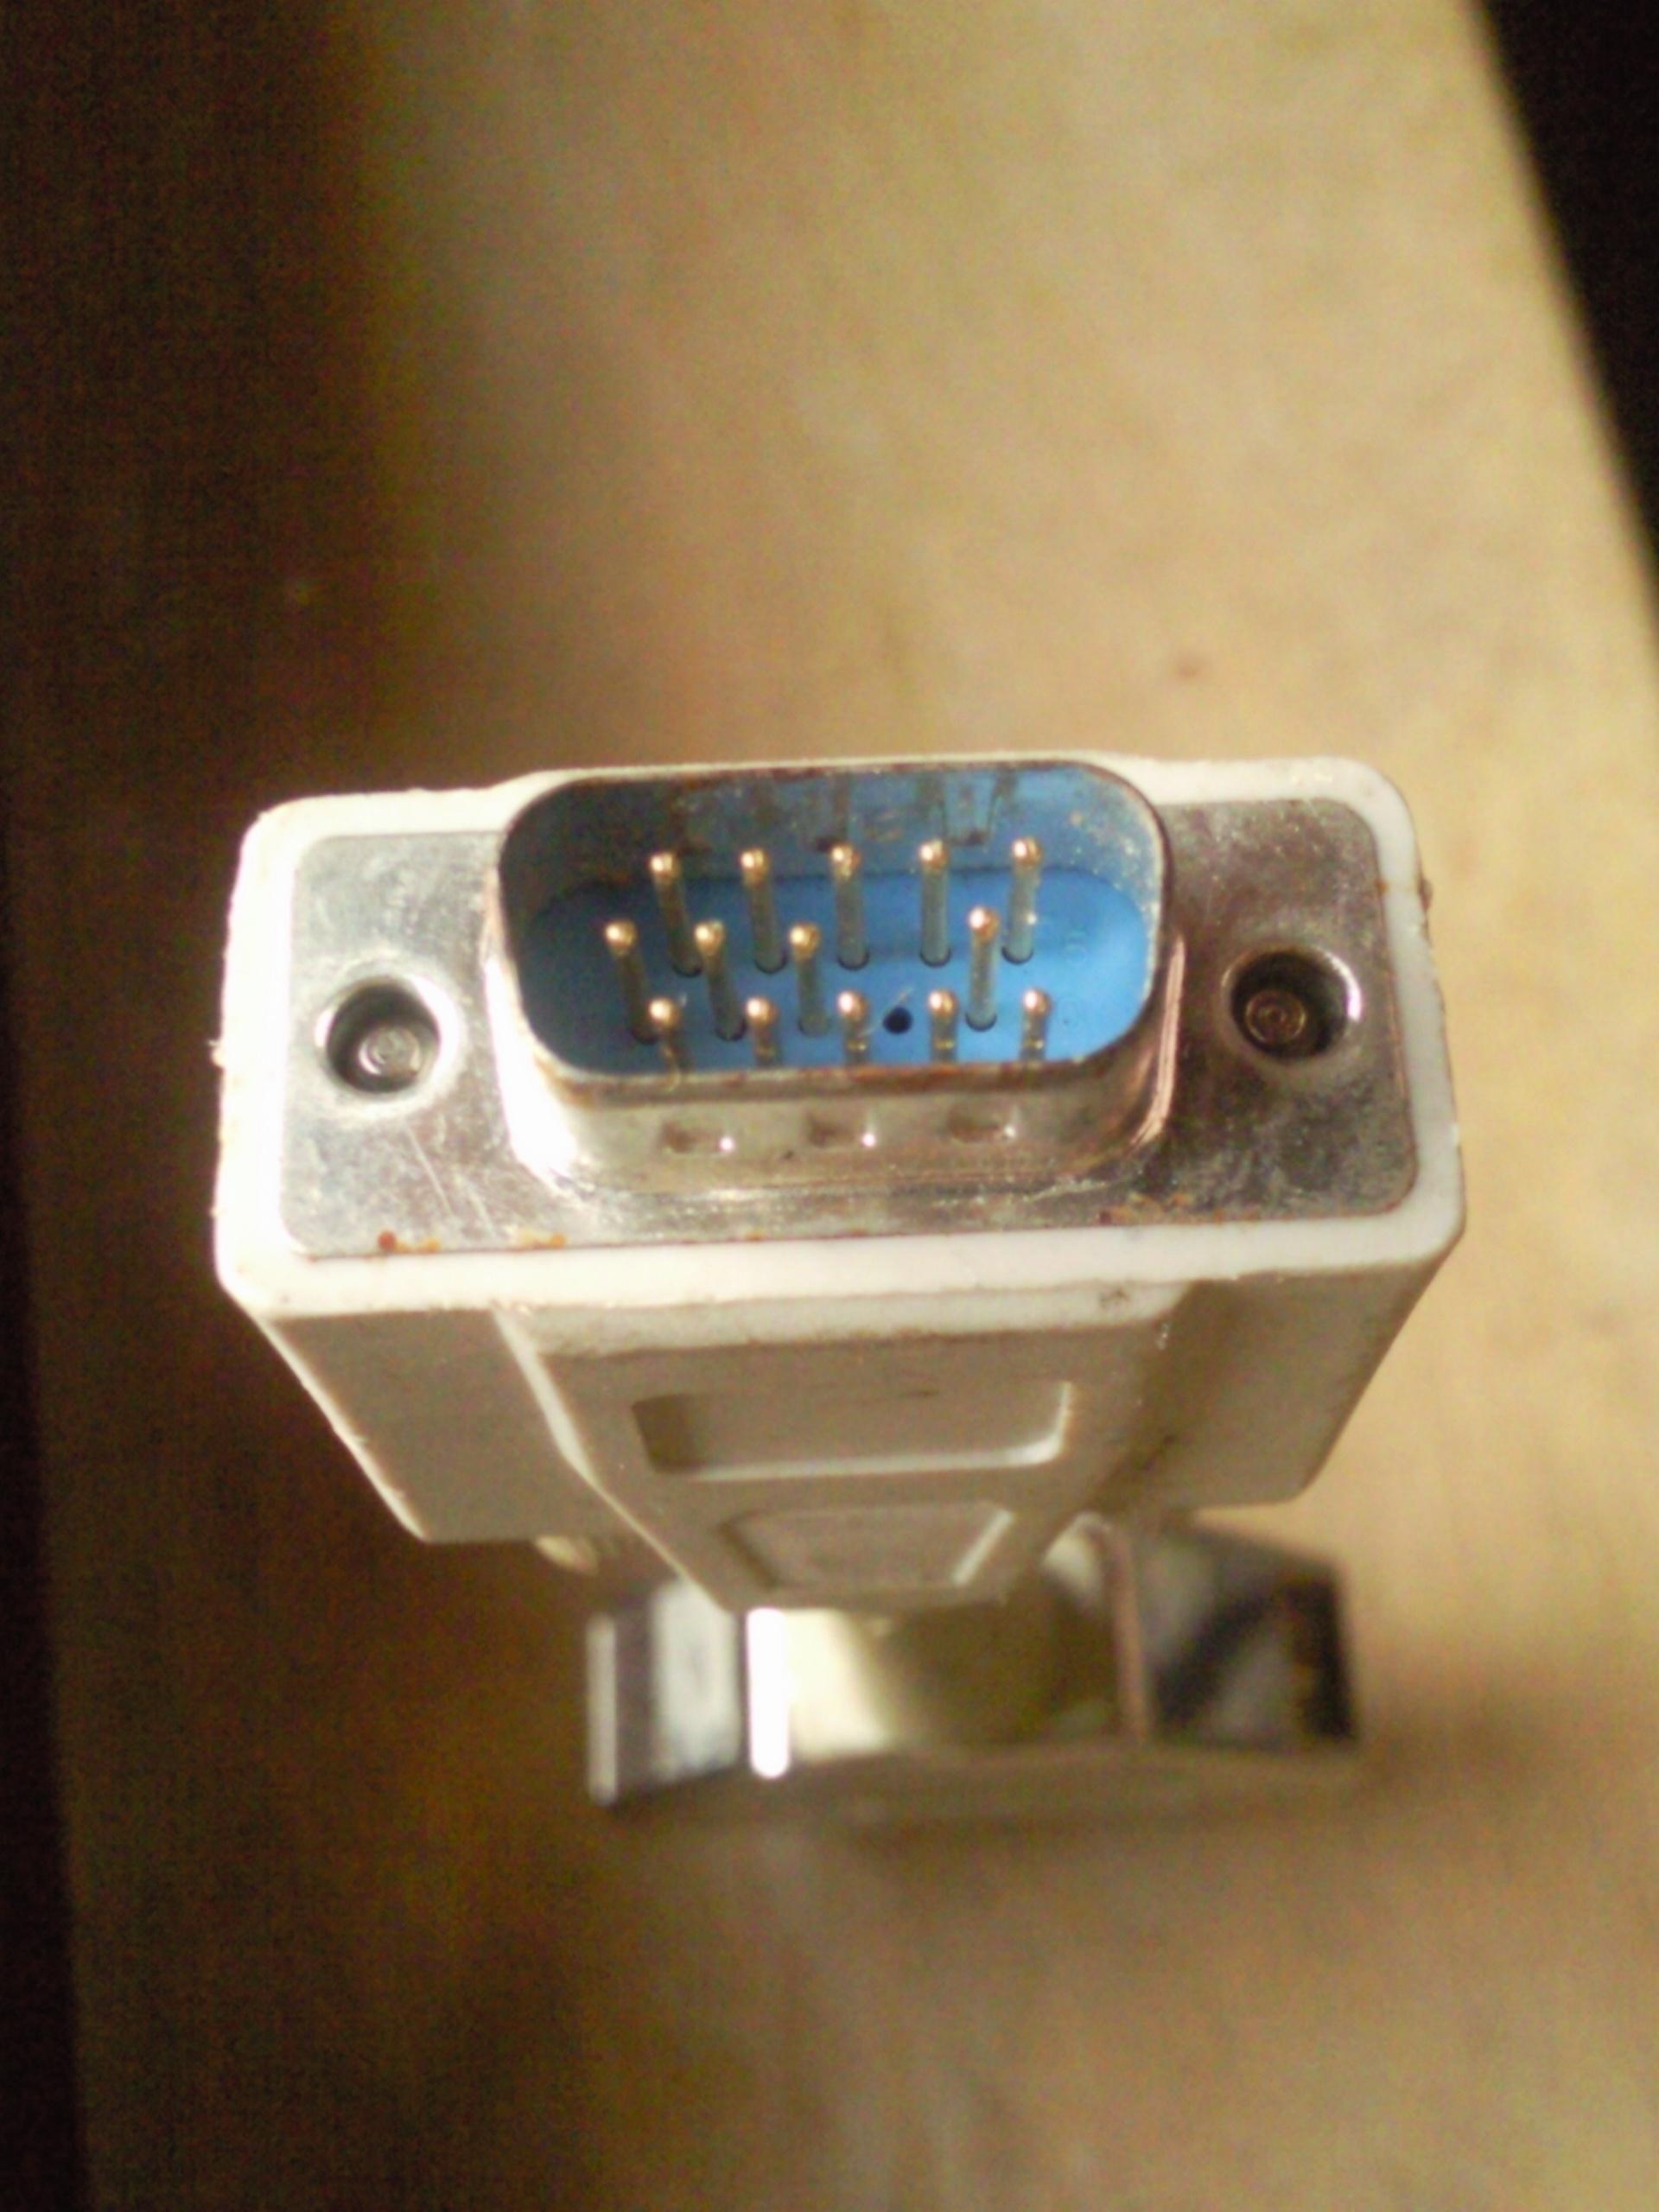 VGA na sygna� wideo RGB i do euroz��cze